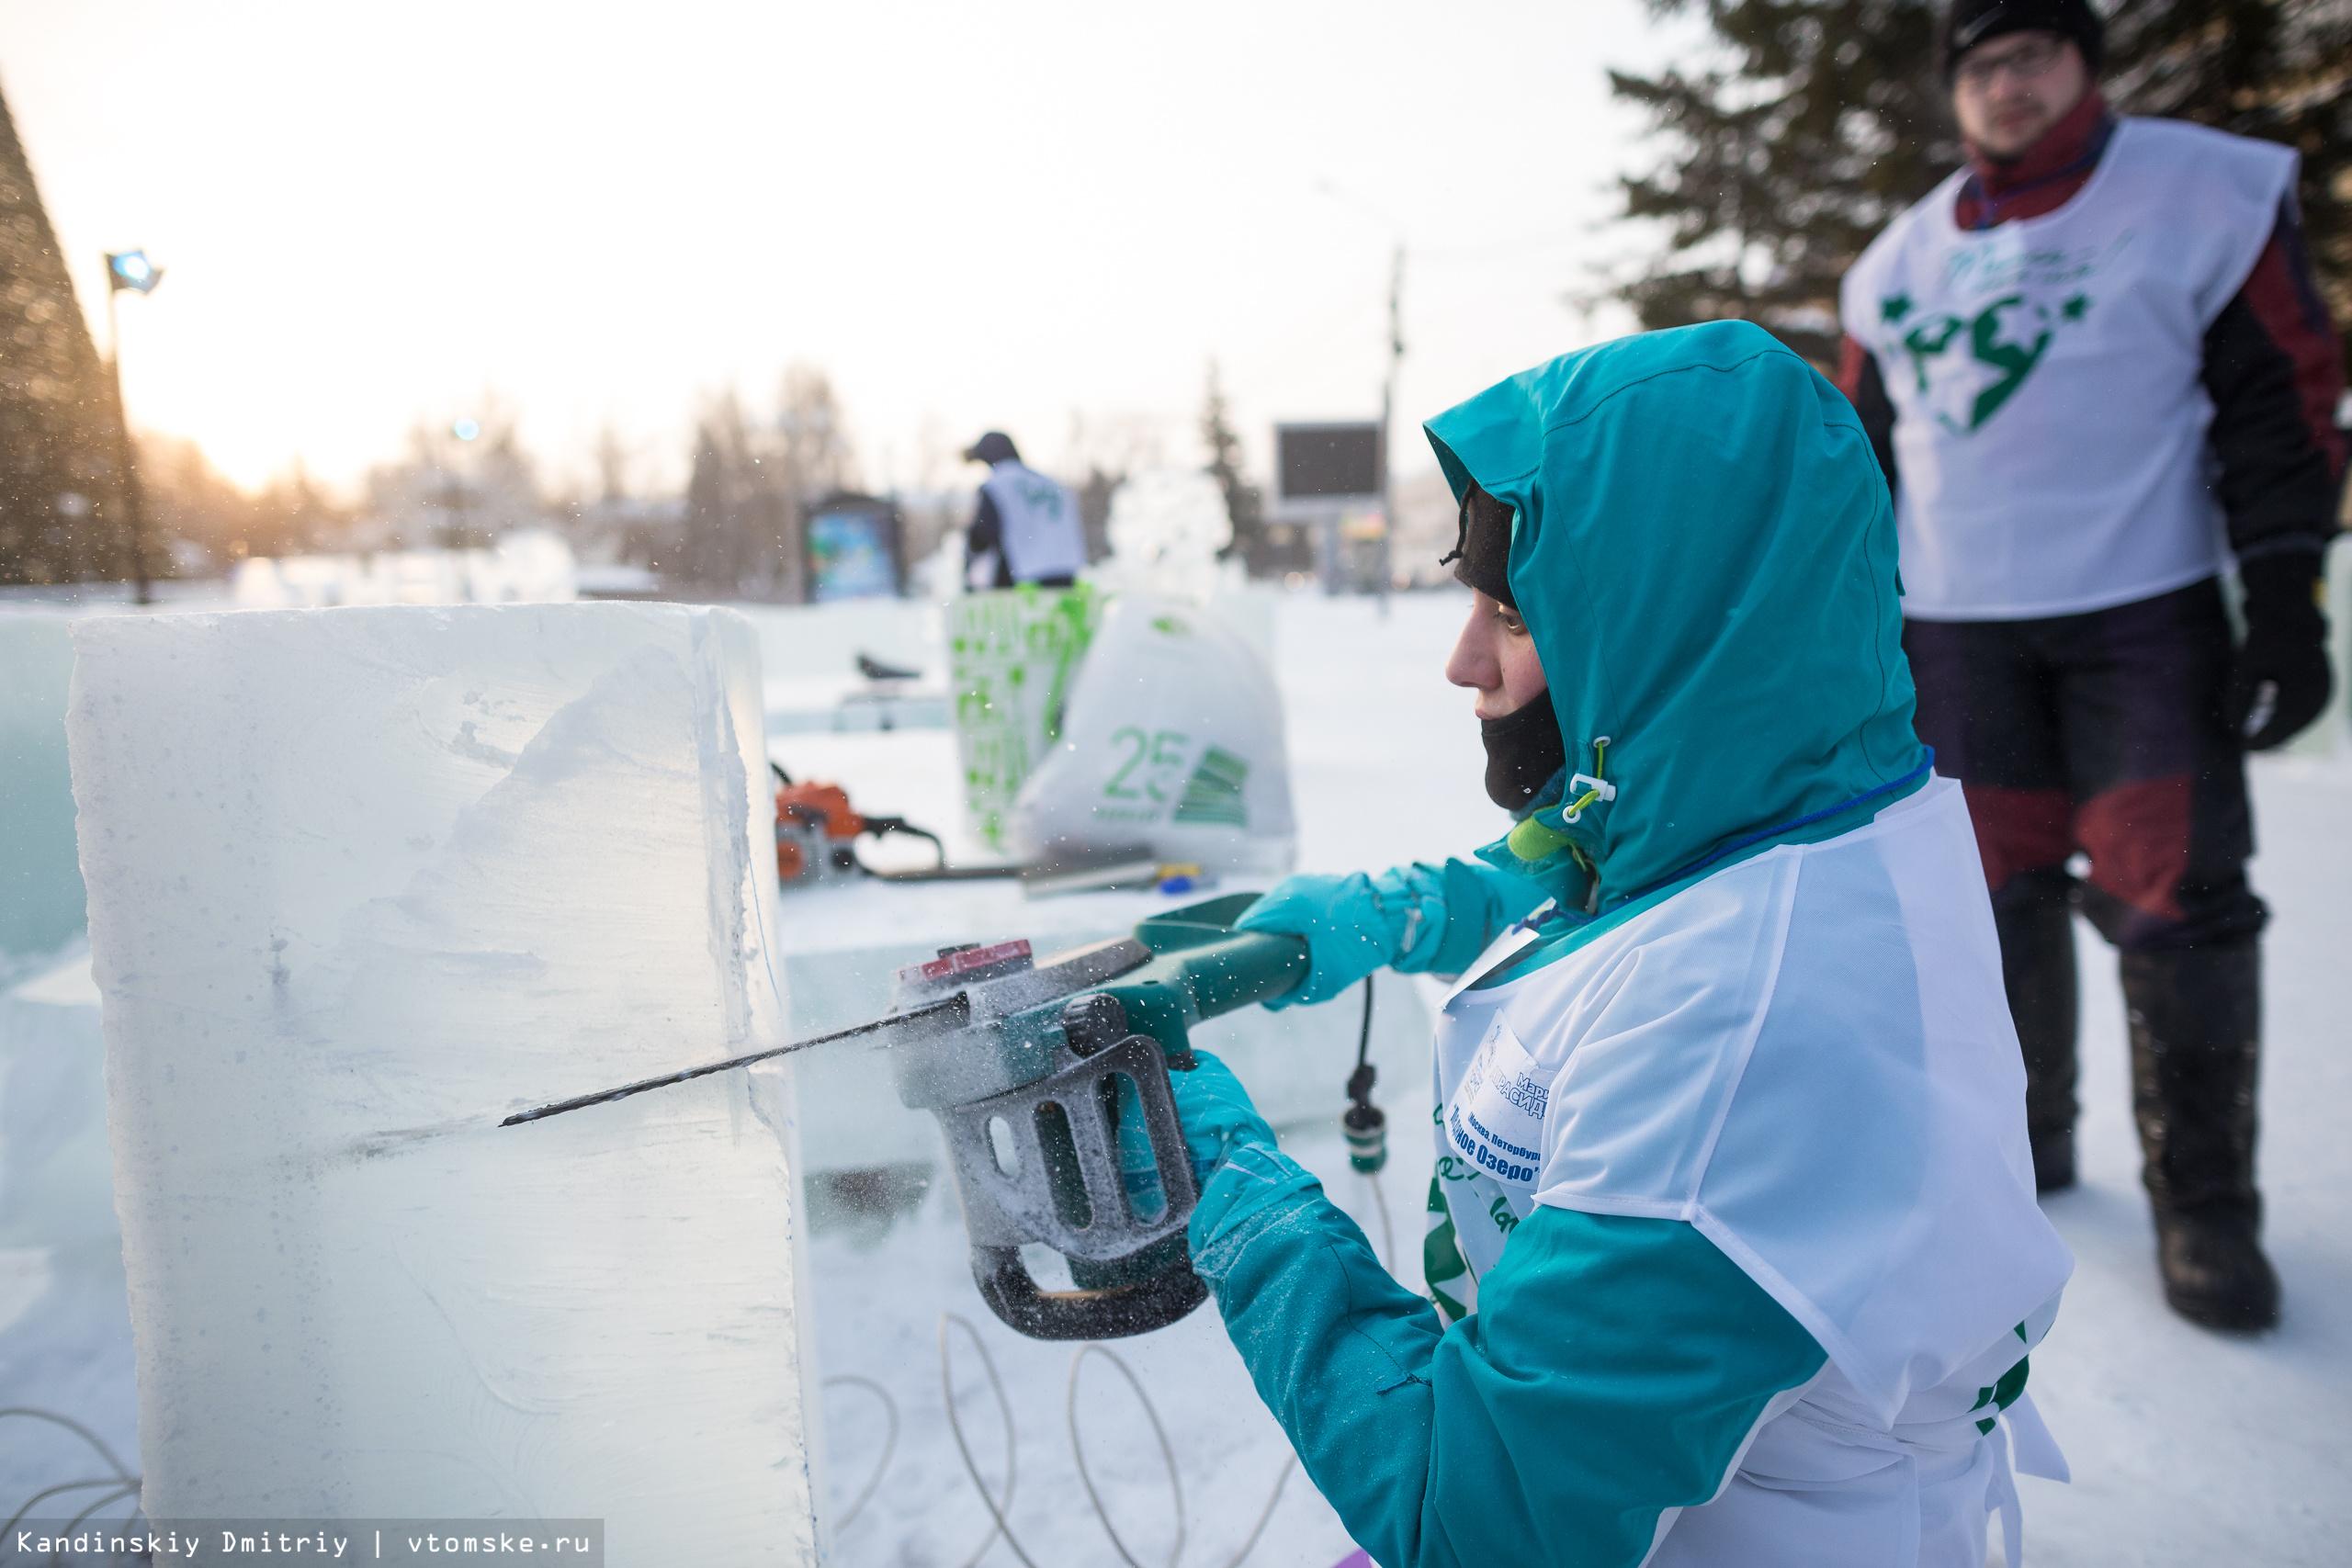 Конкурс на лучшую ледовую скульптуру стартовал в Томске